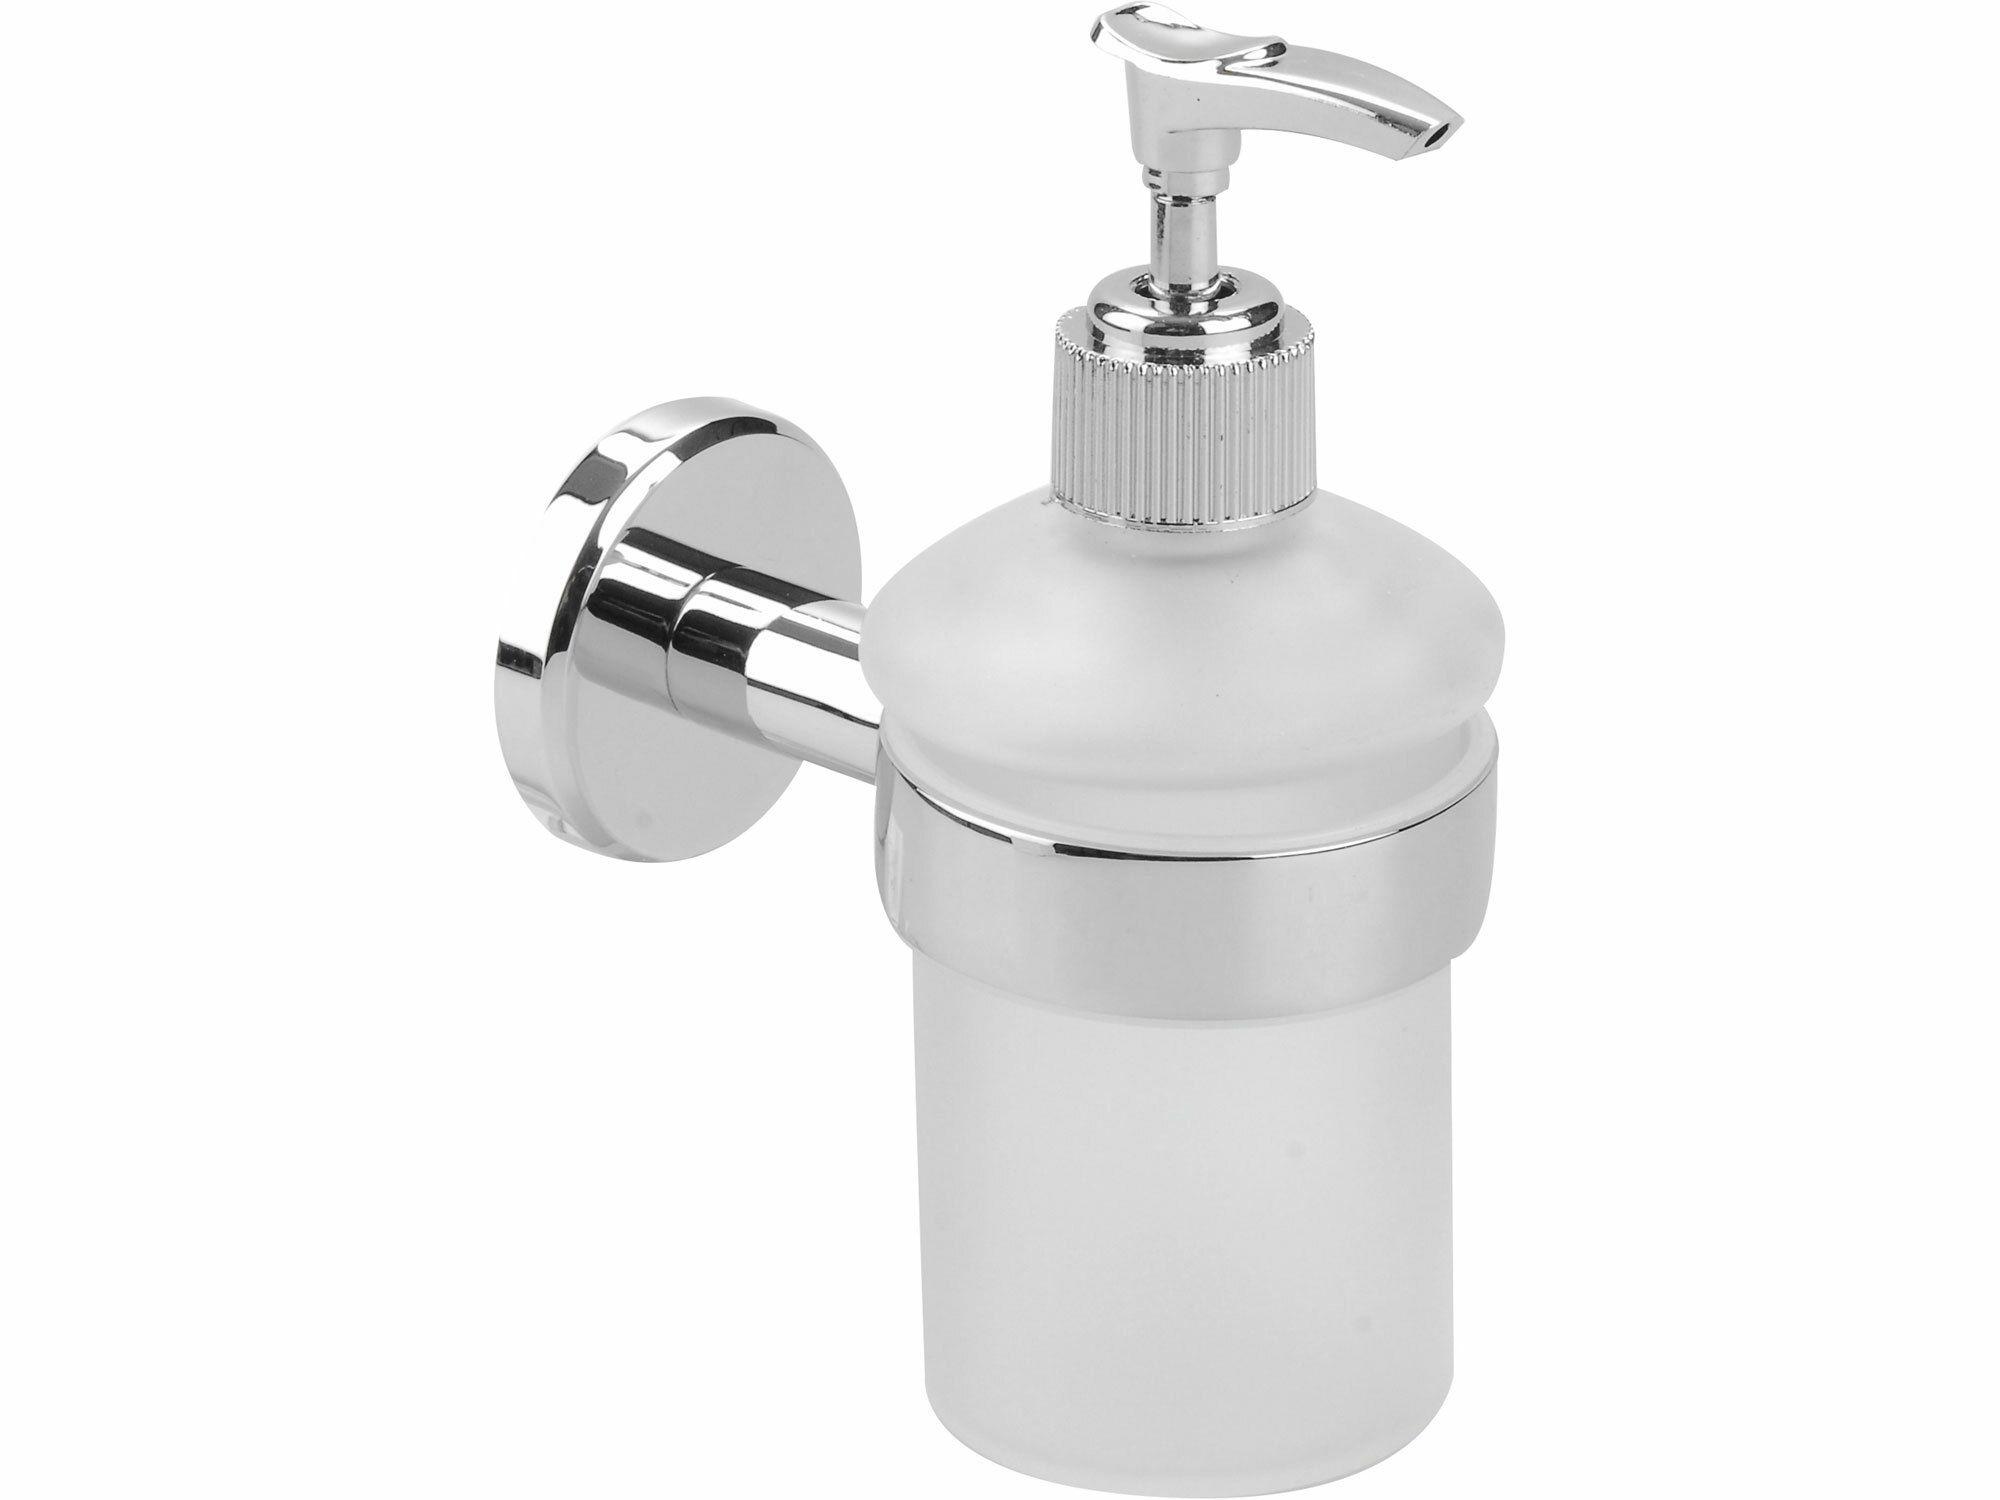 Dávkovač mýdla, 110x70x155mm, Chrom, FRESHHH